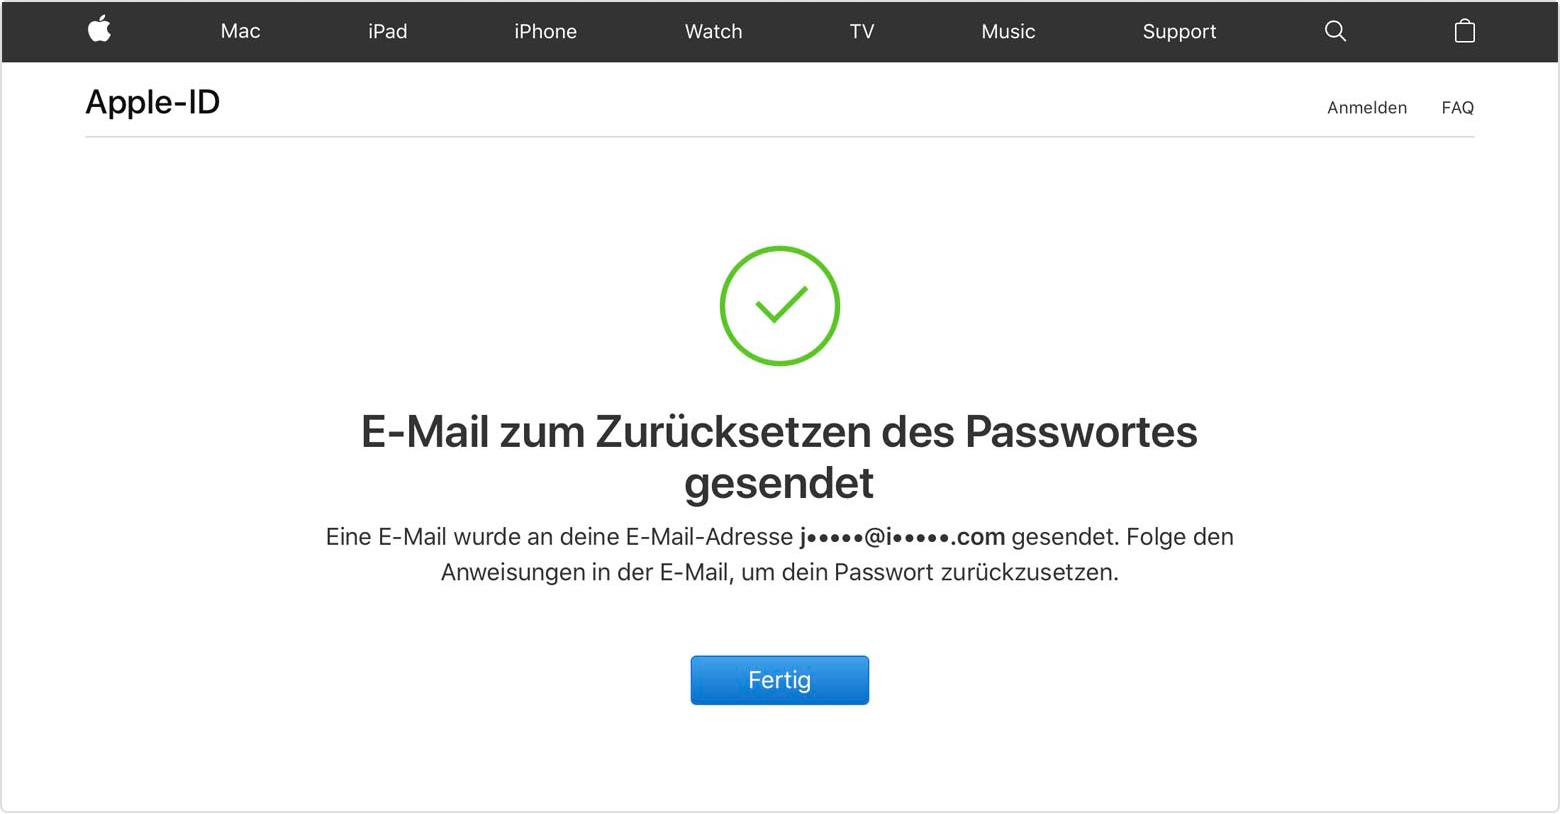 Iphone 6 Wiederherstellen Ohne Itunes Und Icloud Alle Passwörter Vergessen